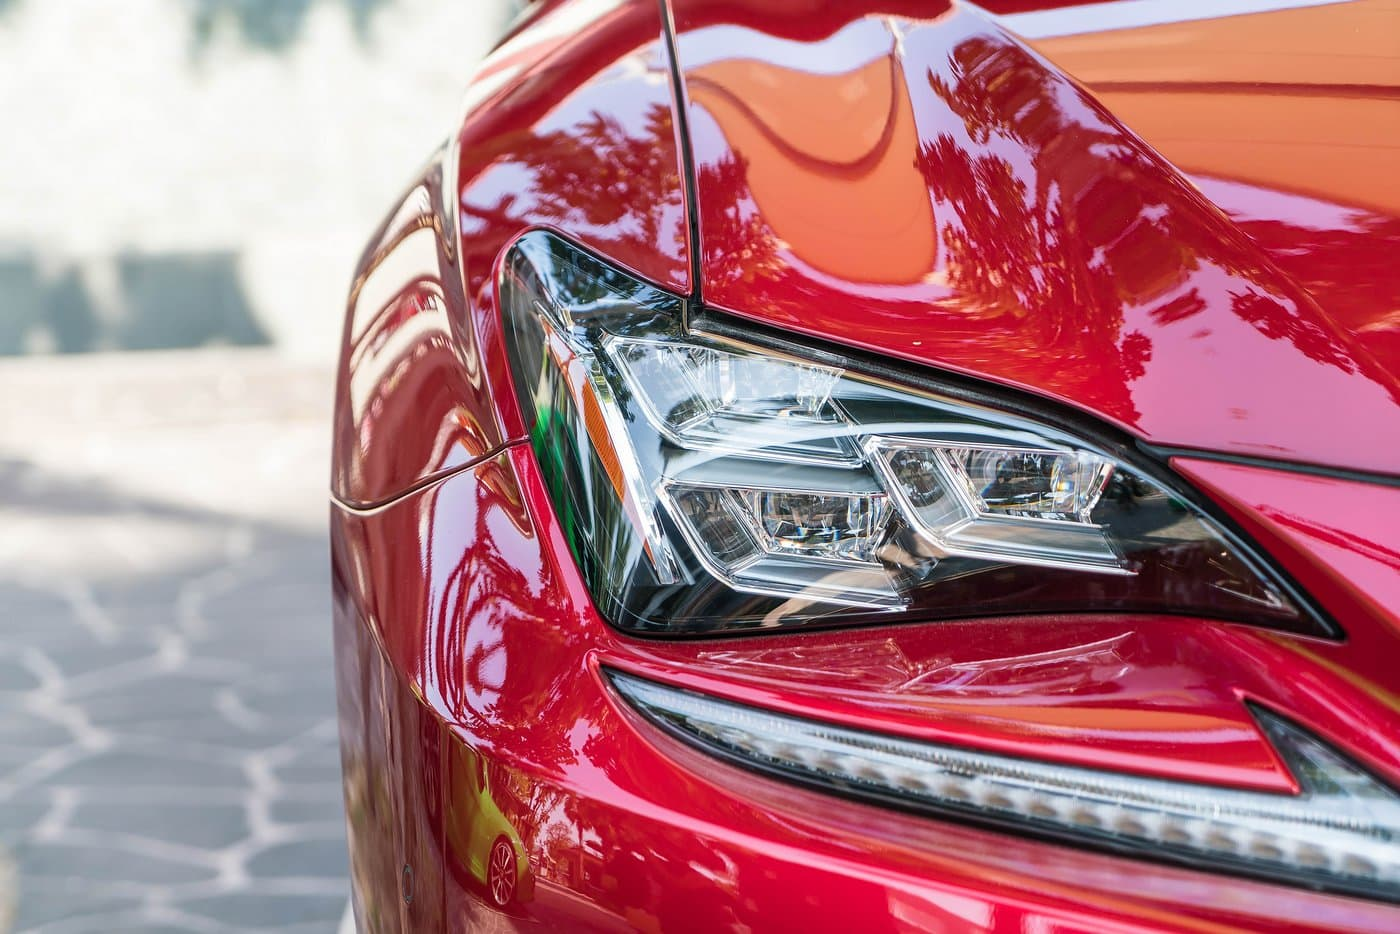 Shiny red car waxed